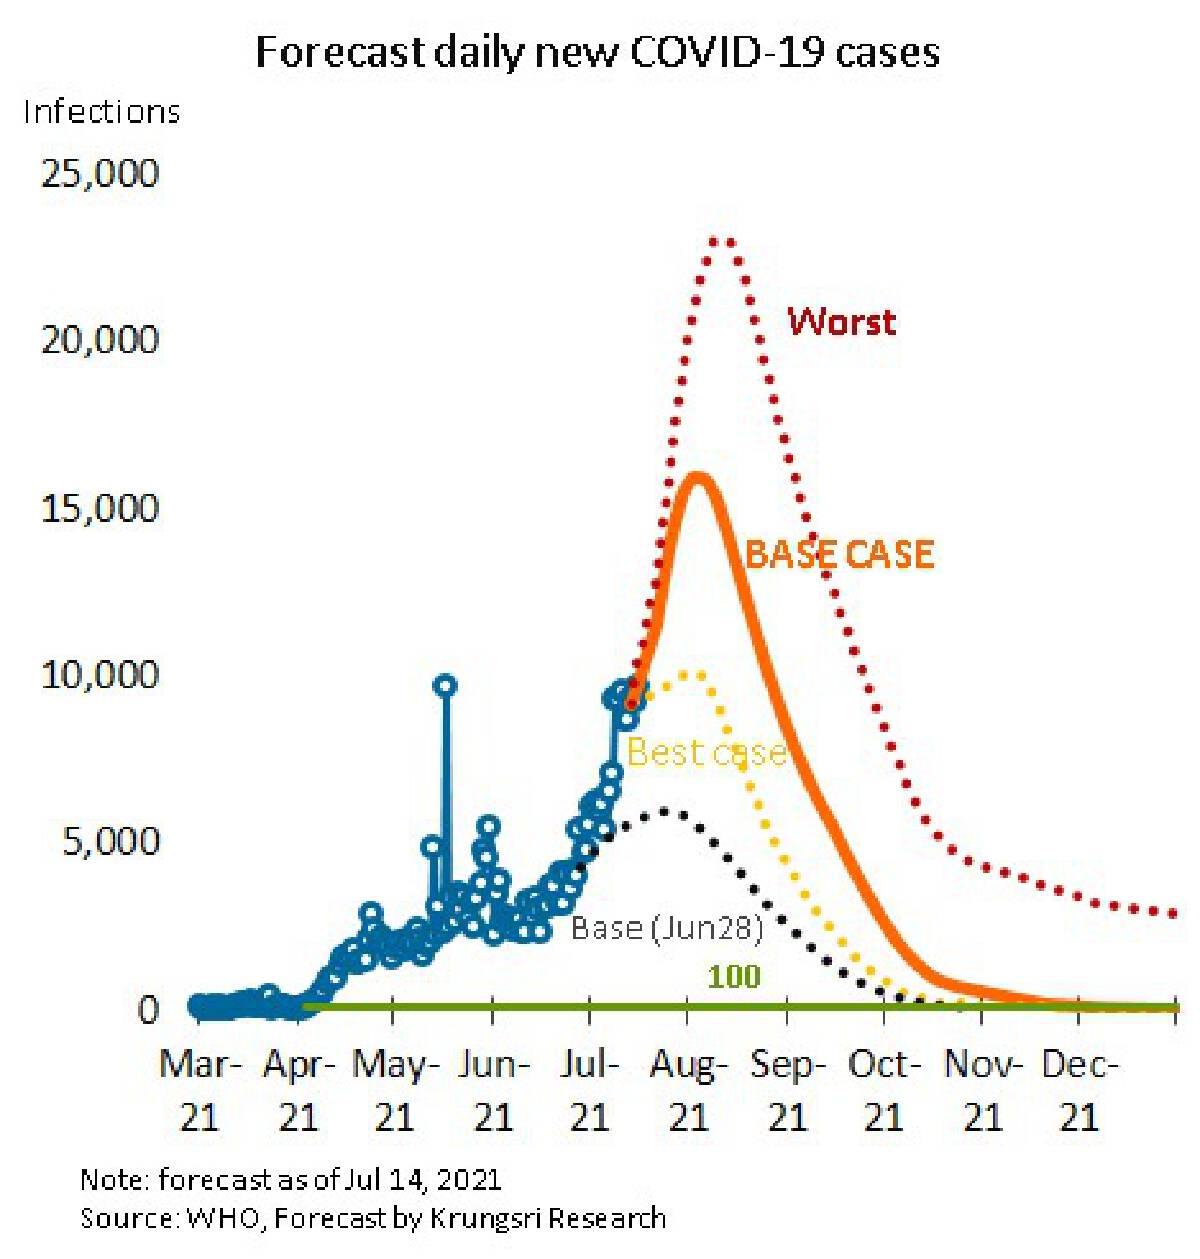 วิจัยกรุงศรี หั่นจีดีพีปีนี้เหลือโต 1.2% เหตุโควิดระบาดรุนแรง-วัคซีนช้า